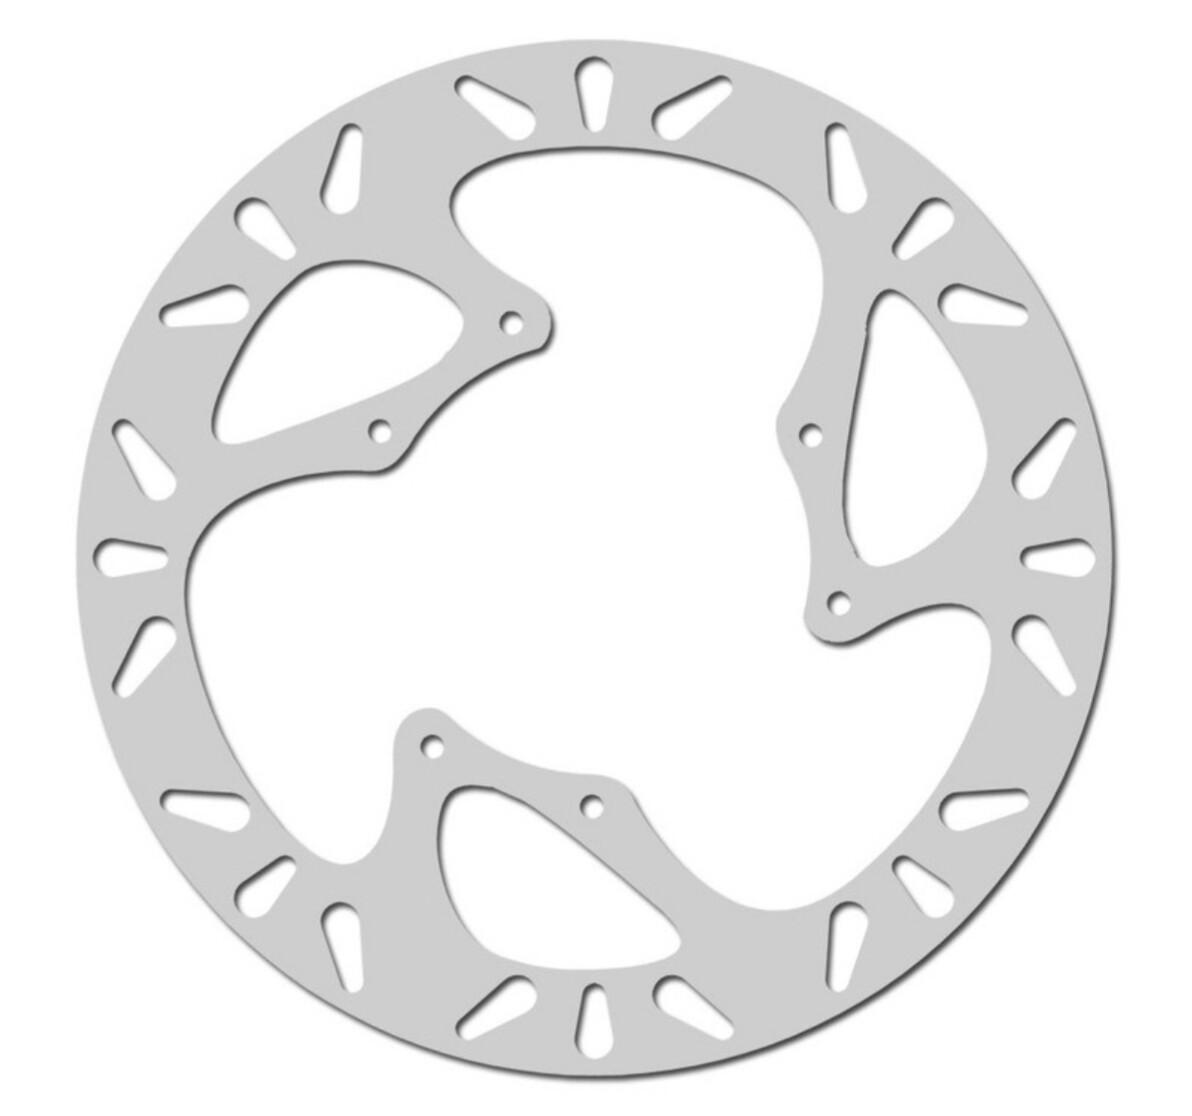 Disc, Front, NG (Scorpa)